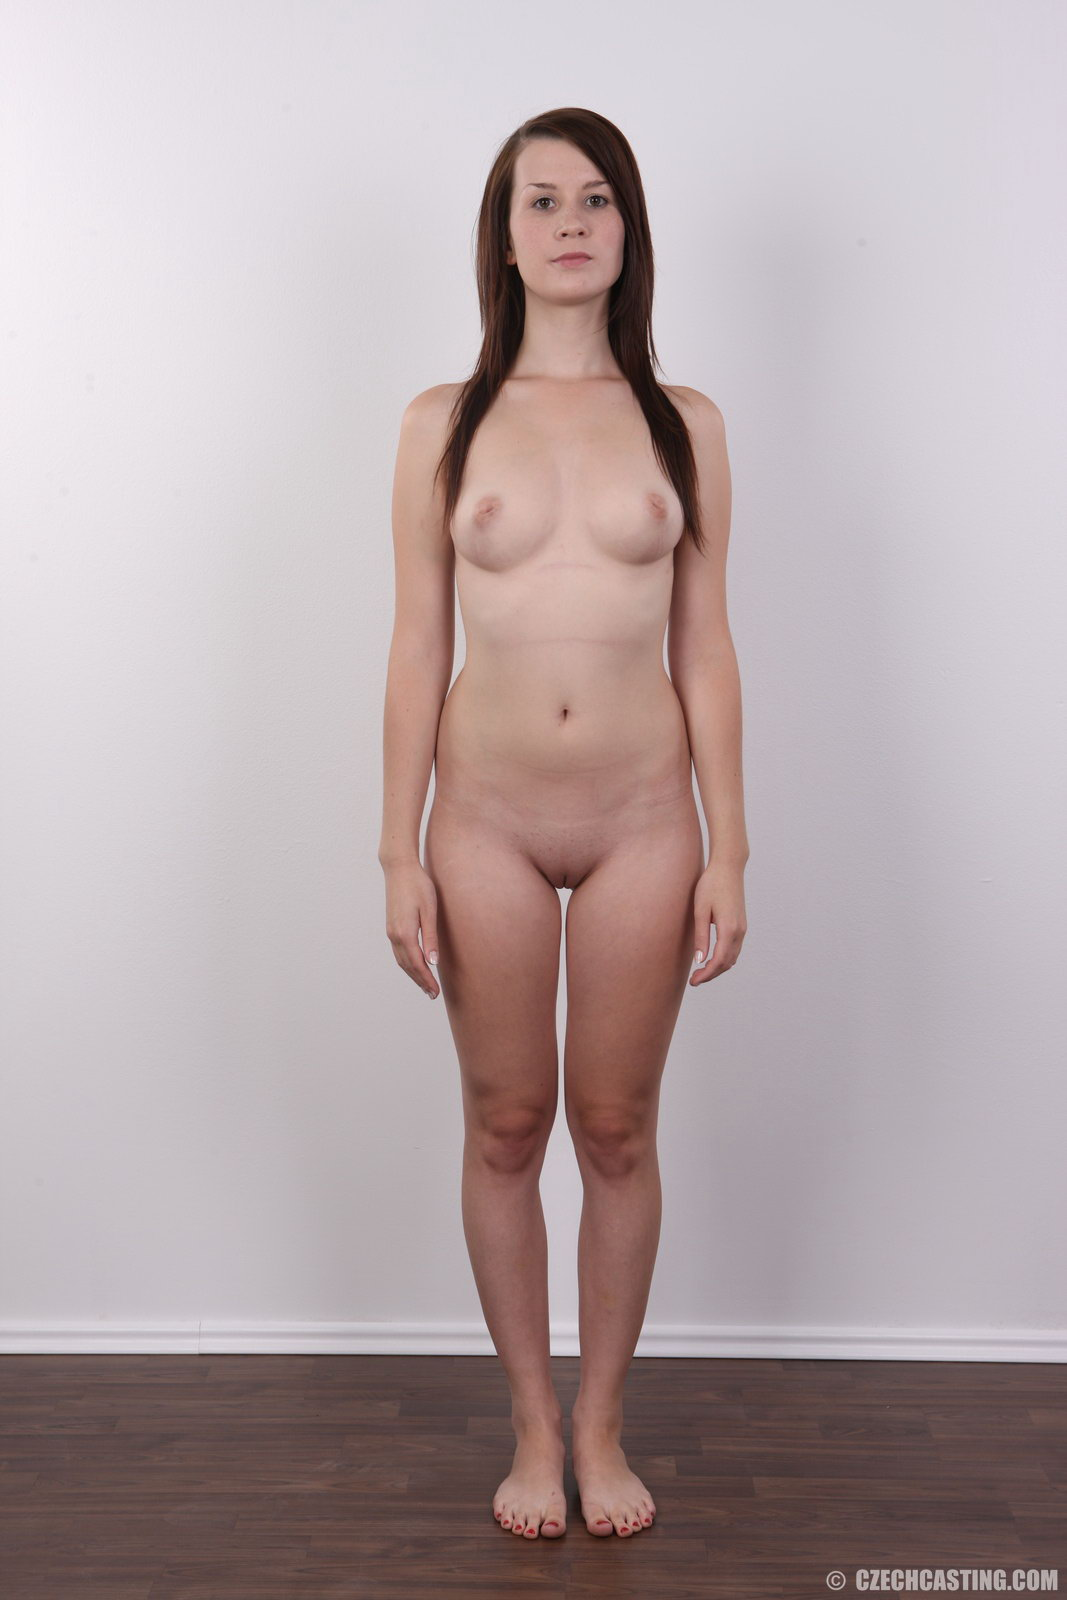 sex video czech casting anal